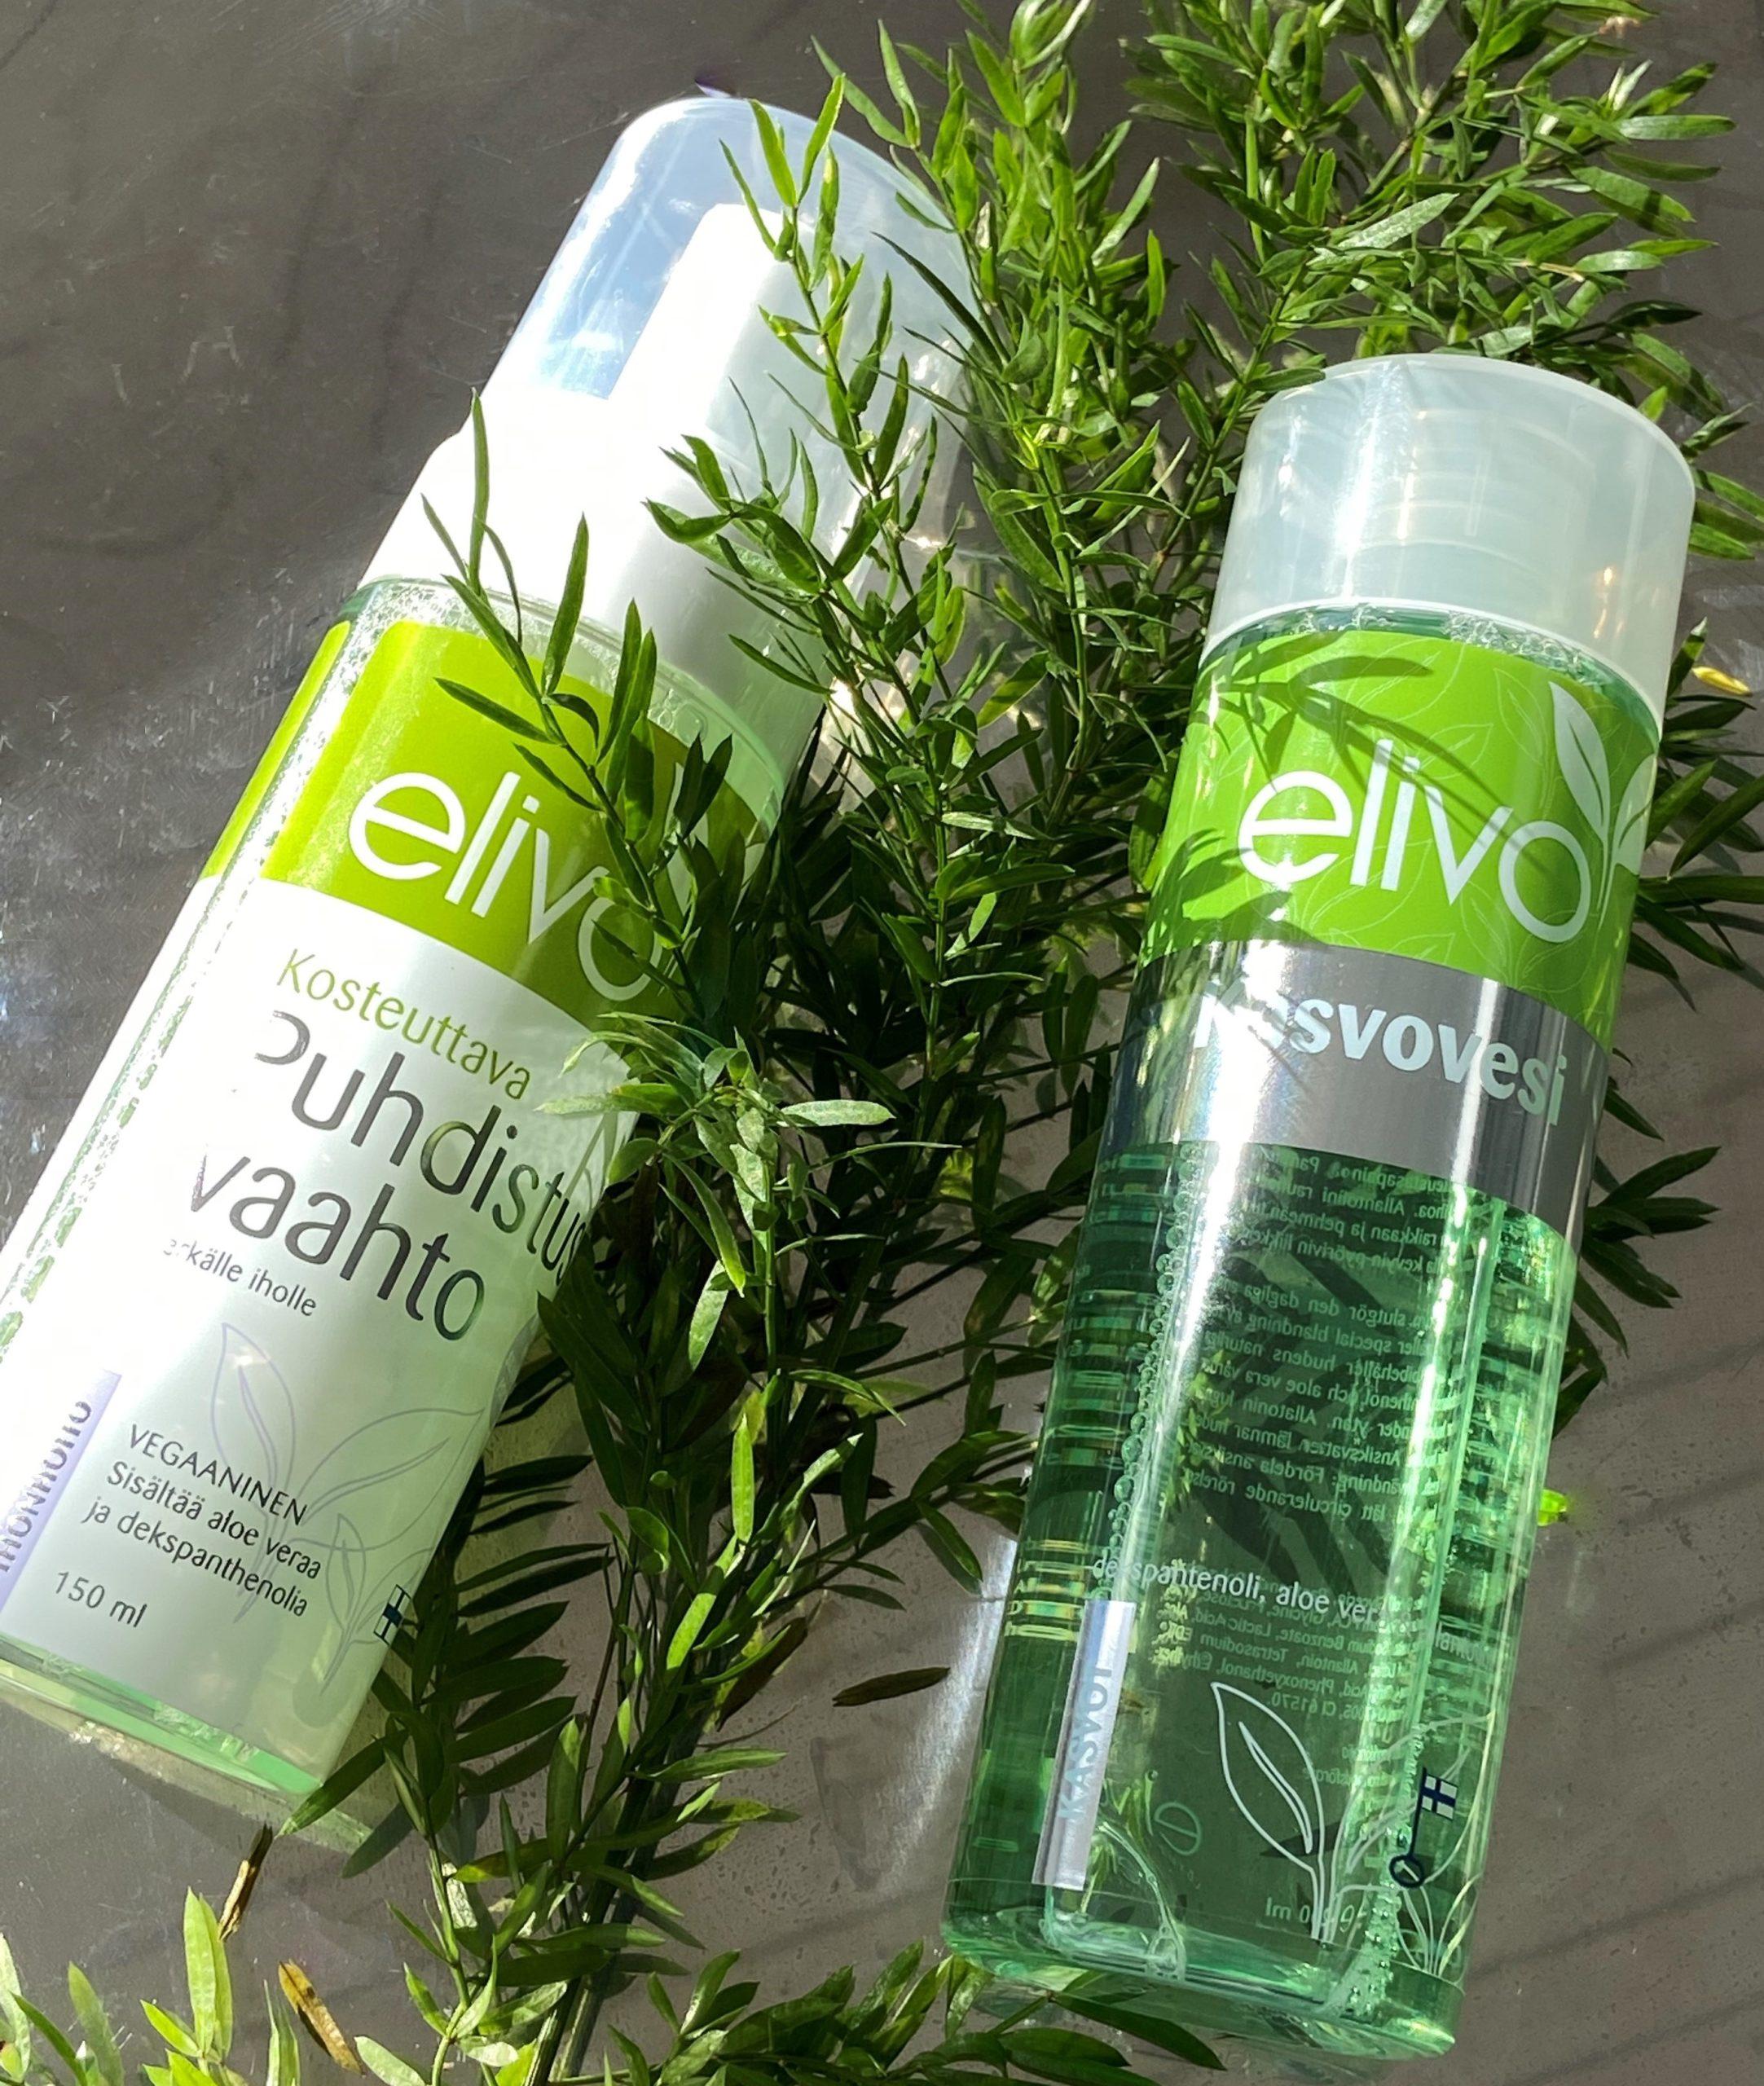 kokemuksia Elivo-tuotteista putsari ja kasvovesi